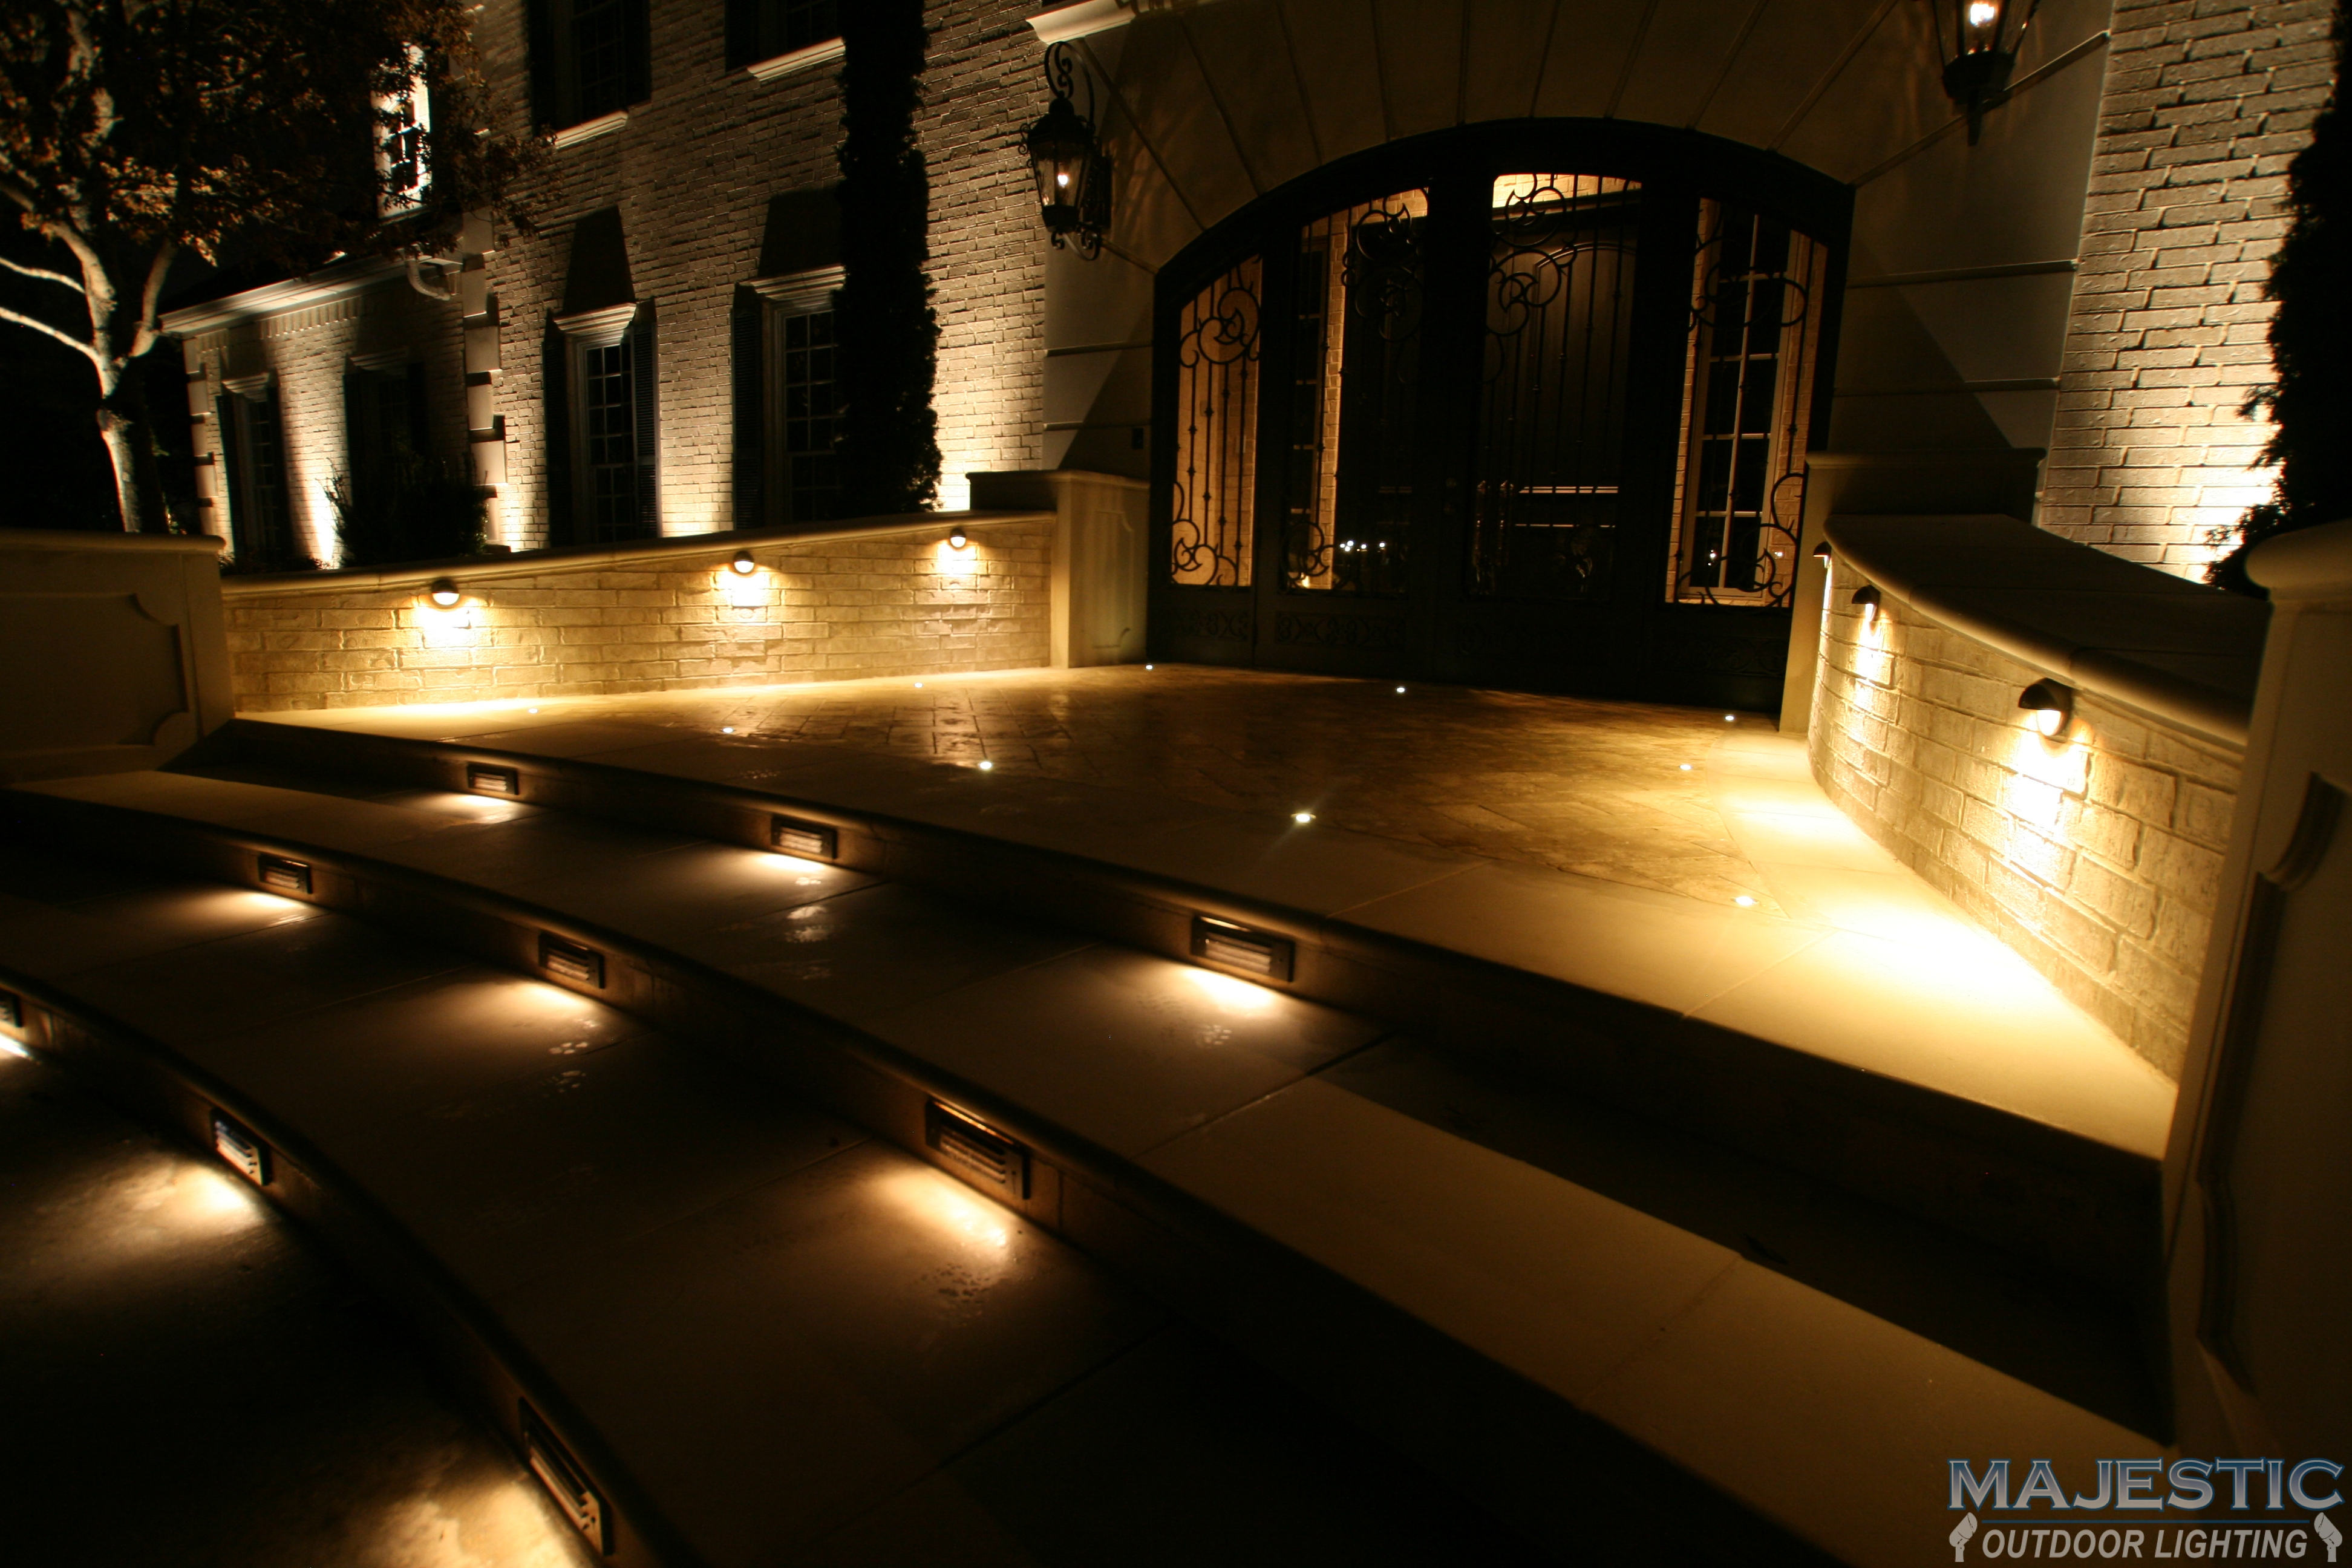 fort wort, tx & dallas, tx specialty lighting gallery Specialty Lighting